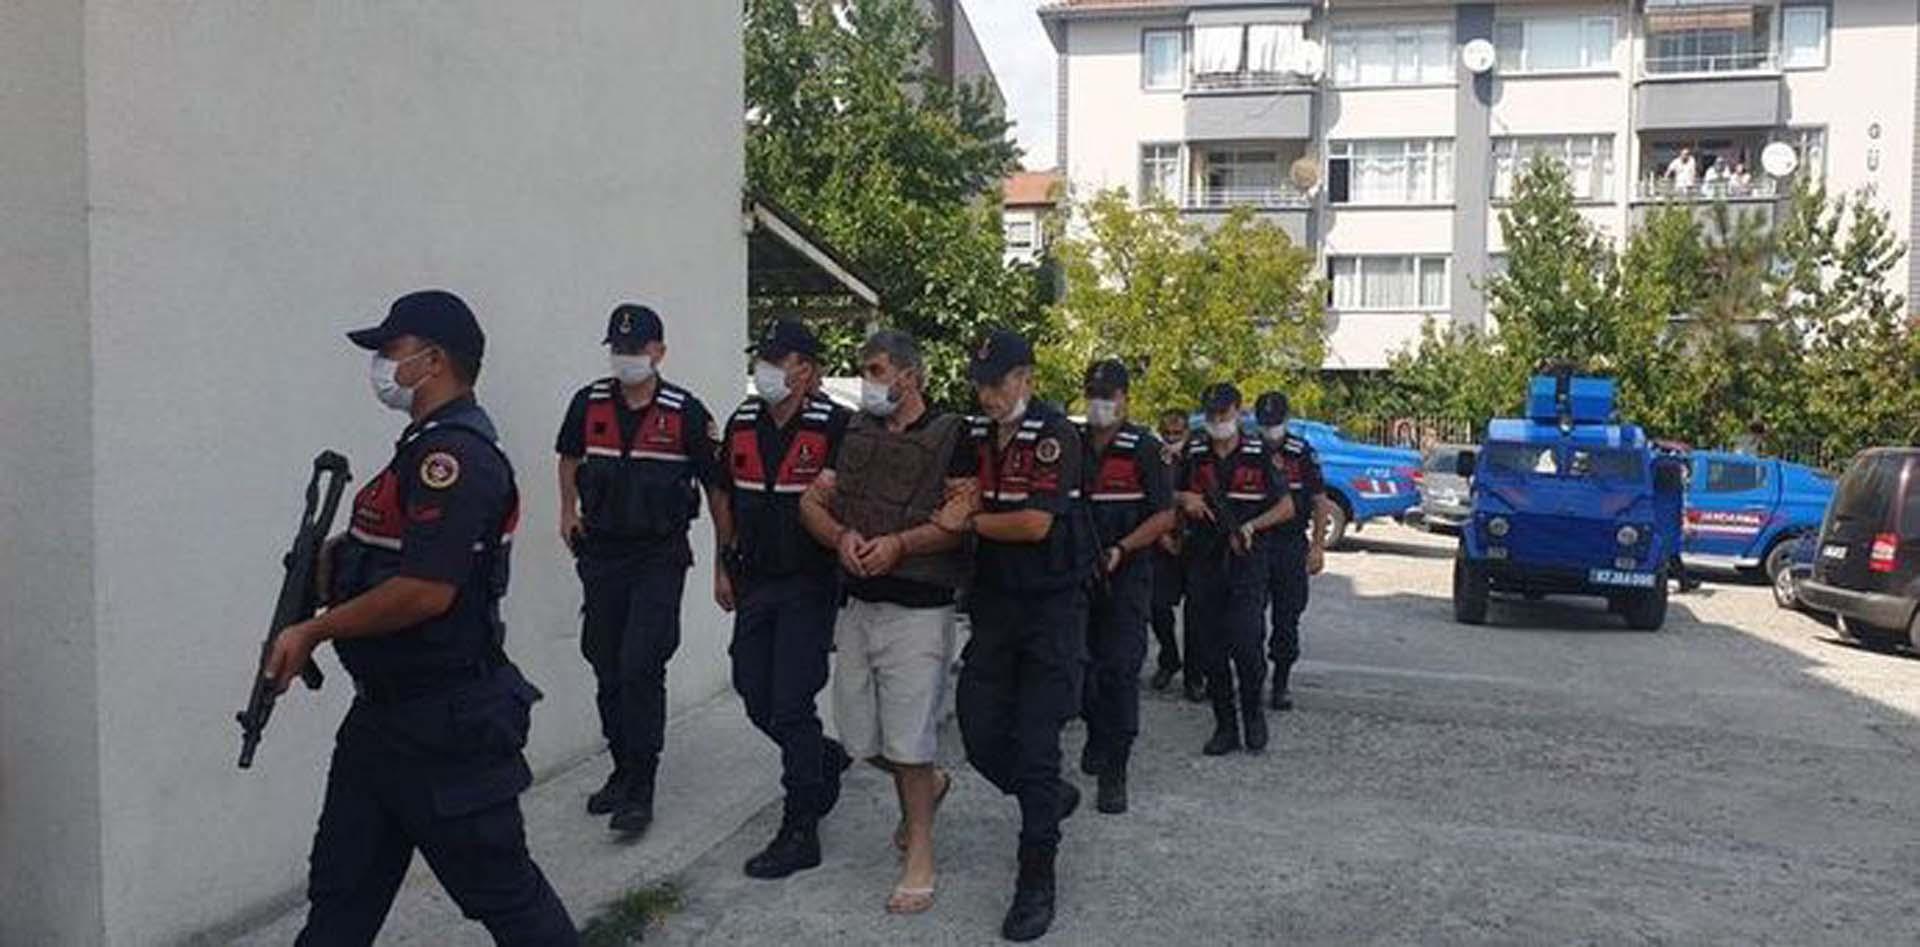 Zonguldak'ta öldürülen Soner - Salim Çatma cinayetinde çarpıcı gelişme! Ormana gömülmüşlerdi! Kan izlerini kapatmak için duvara sıva çekmişler, eşyaları temizlemişler